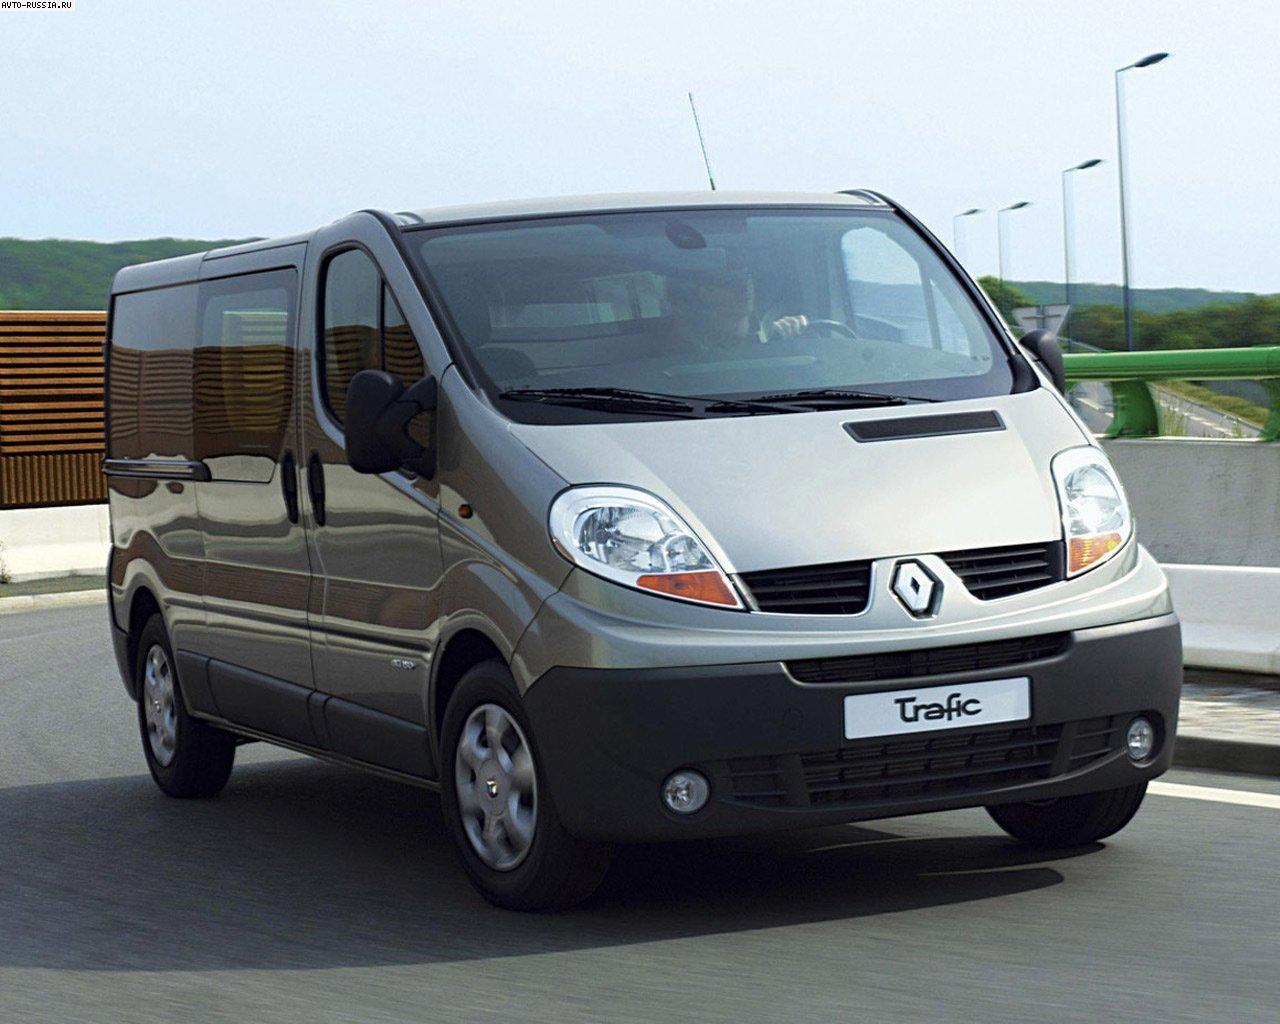 Микроавтобус Рено Трафик — характеристики, отзывы владельцев